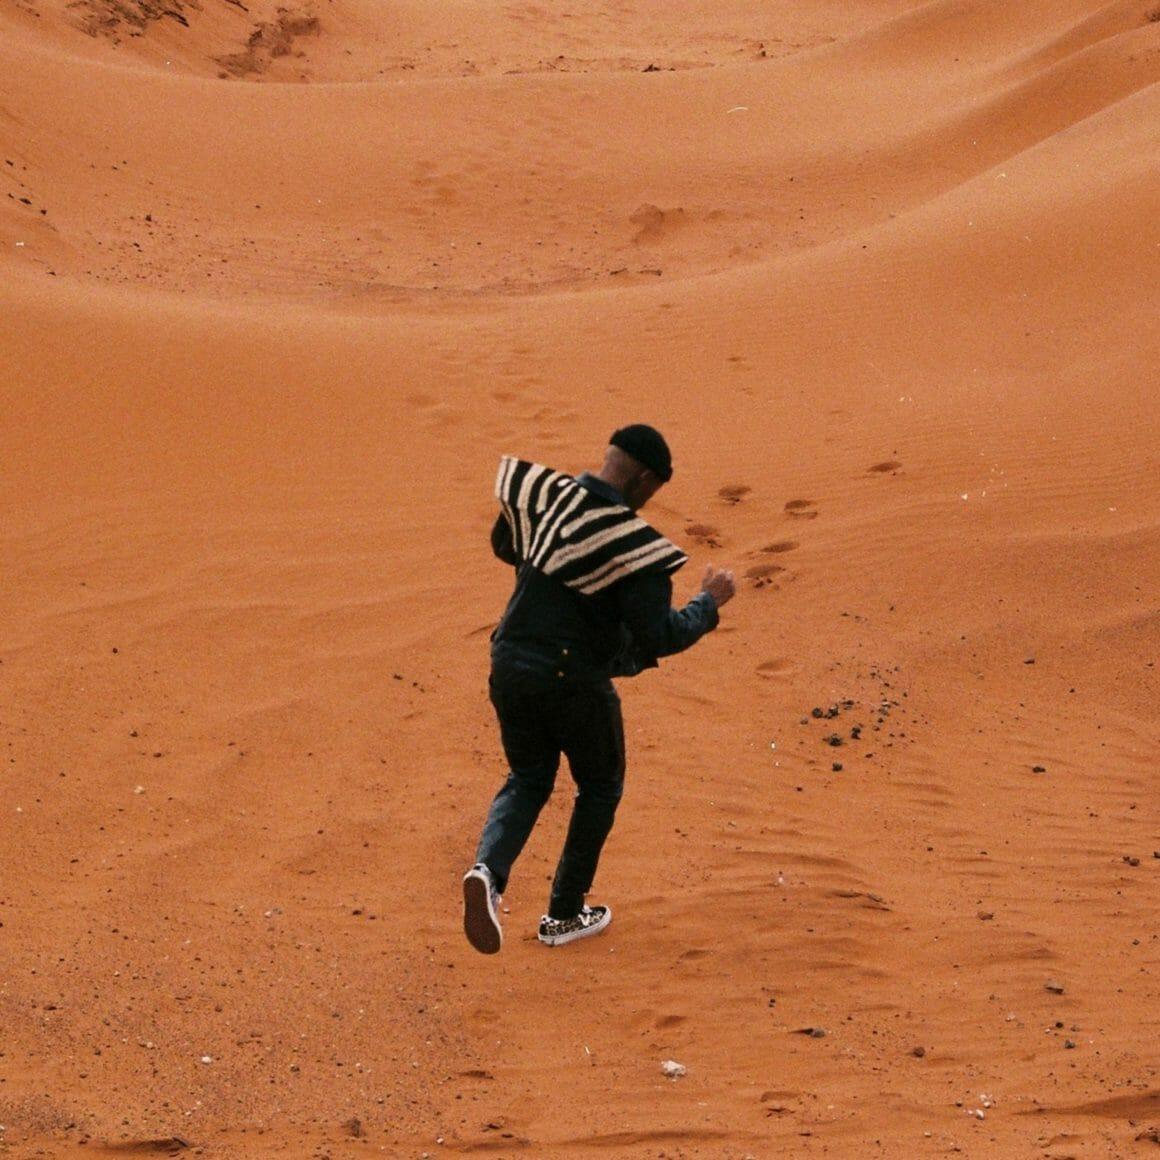 Muzi danse dans le désert sud africain